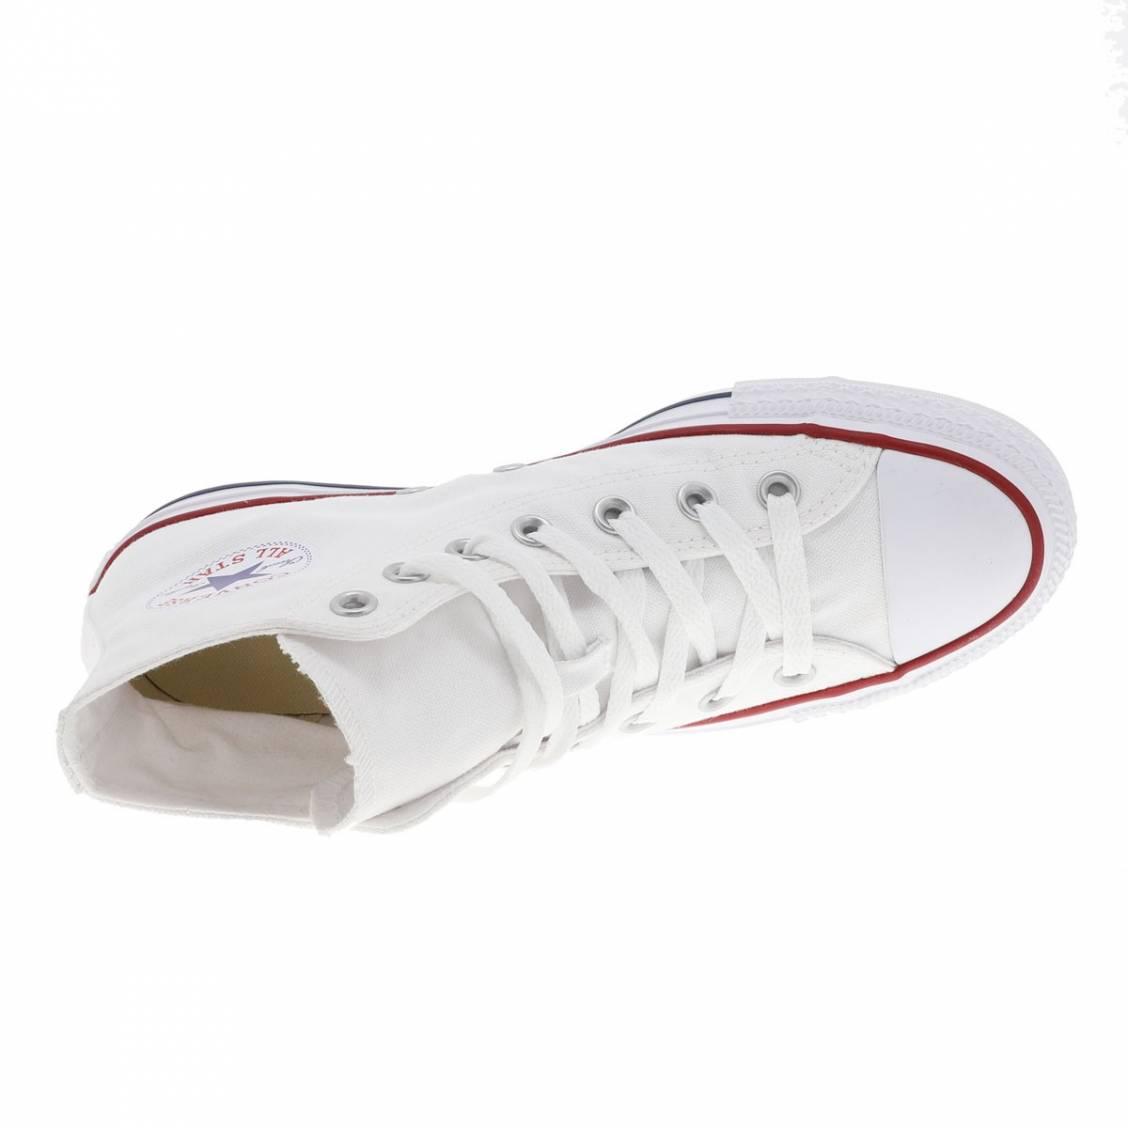 Baskets hautes Converse Chuck Tailor en toile blanche | Rue Des Hommes